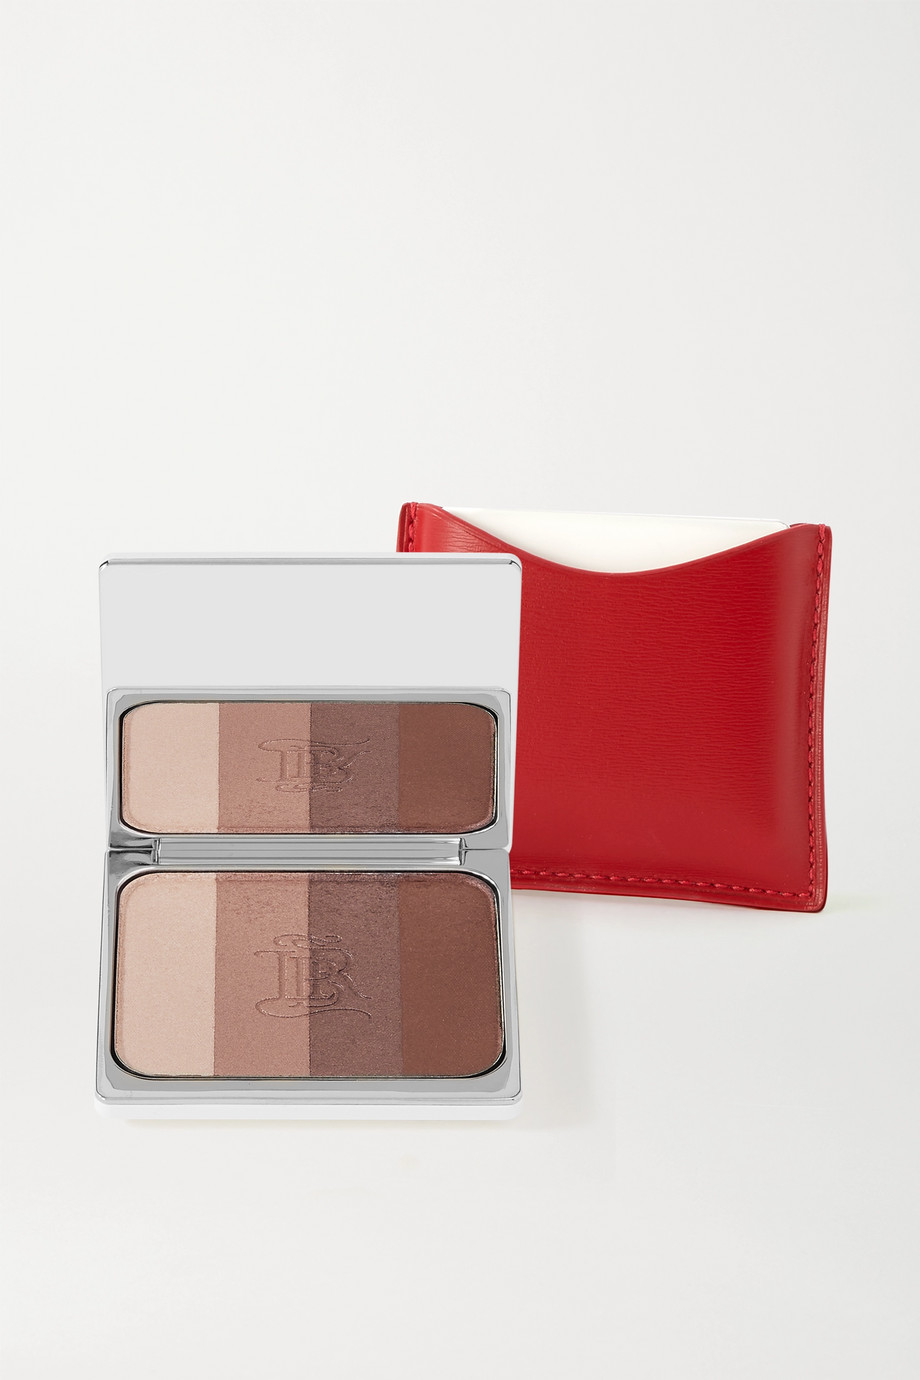 La Bouche Rouge Refillable Les Ombres Eyeshadow Palette -  Aral